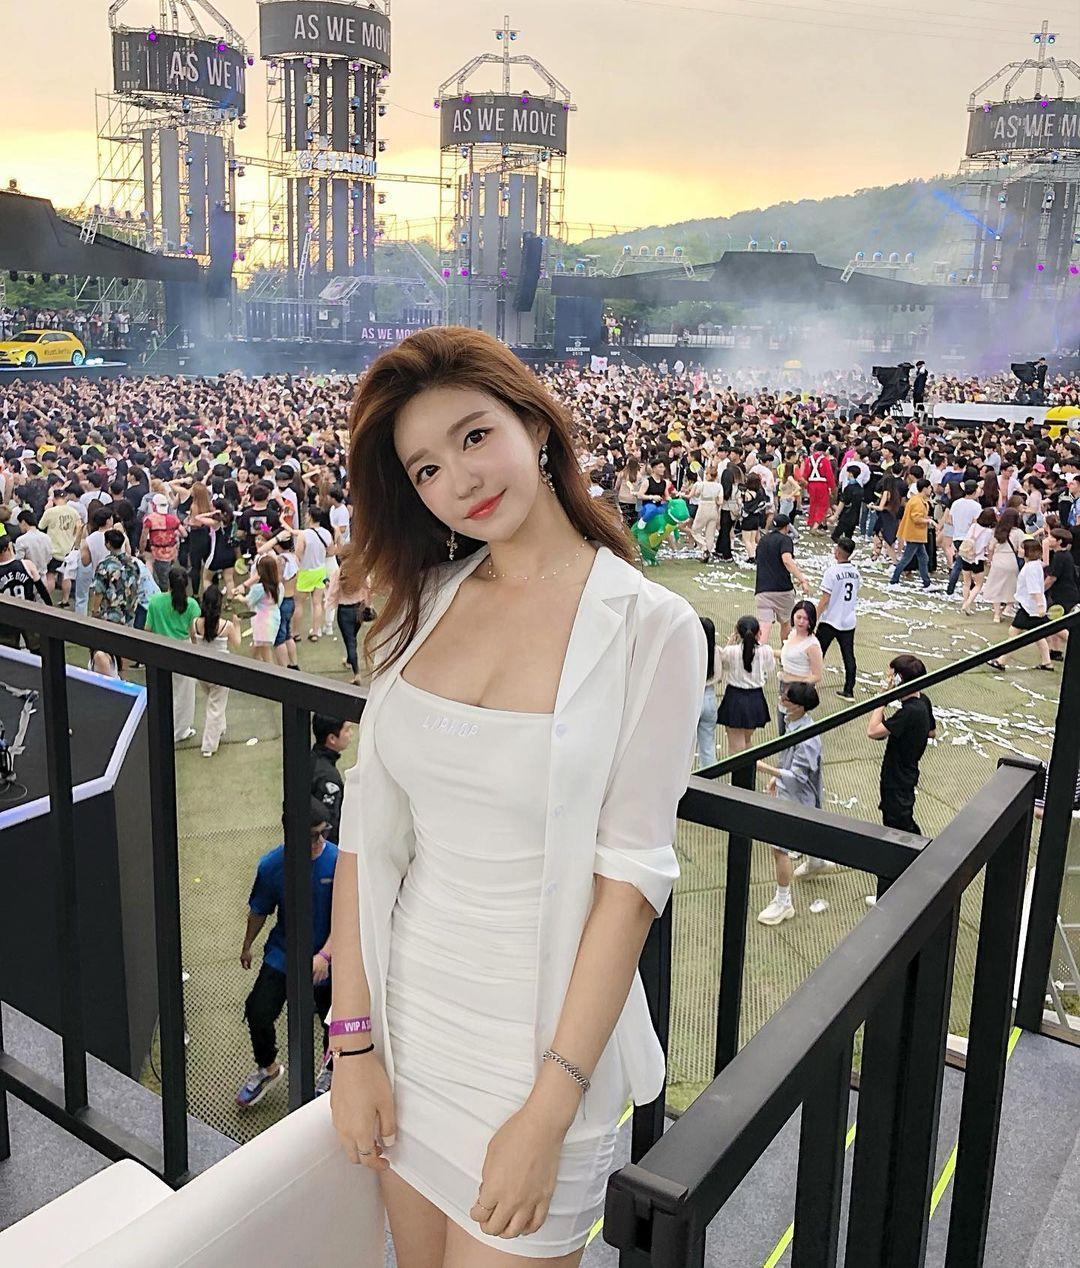 韩国美女主播「尹浩延」爱打高尔夫.球衣衬托超吸睛 养眼图片 第14张